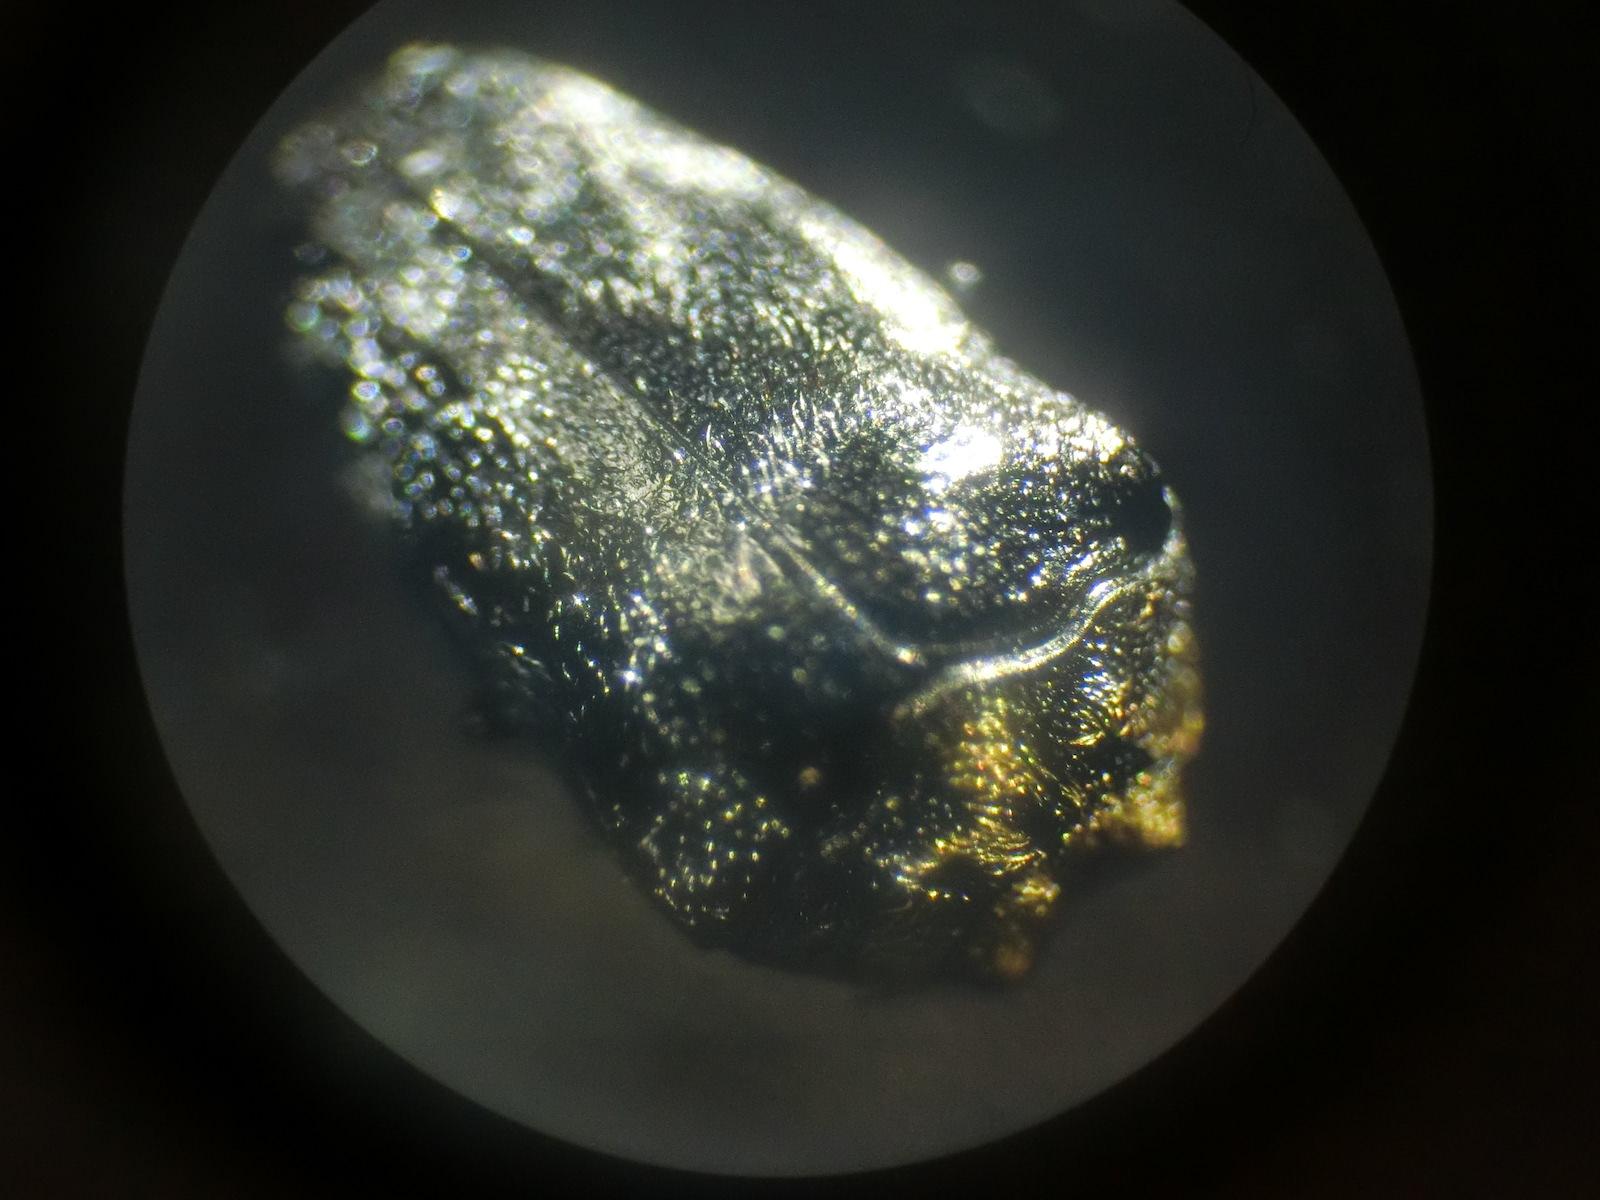 クズノチビタマムシの写真